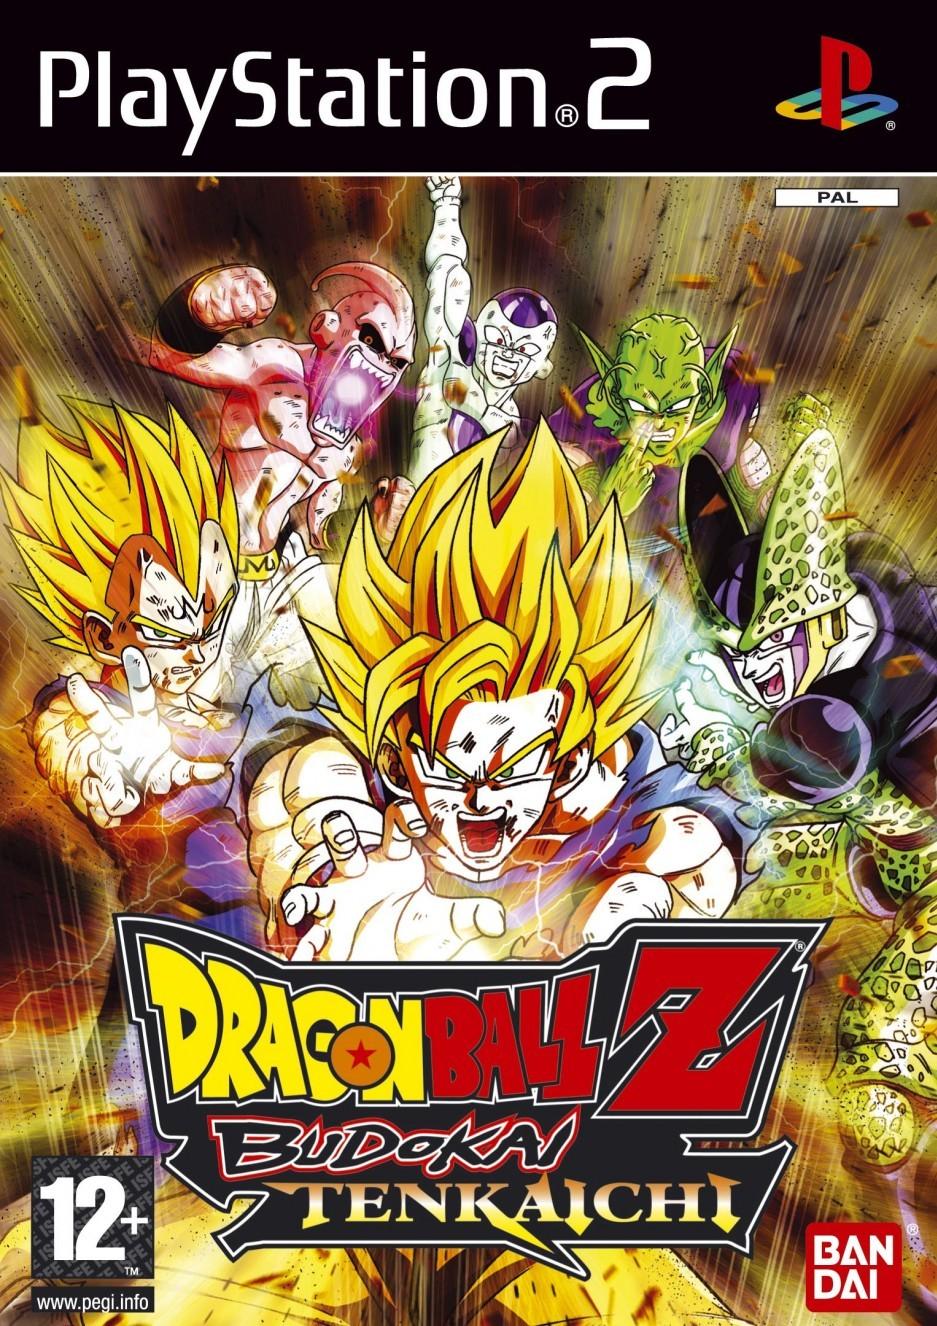 Dragon ball z budokai tenkaichi dragon ball wiki - Dragon bale z ...